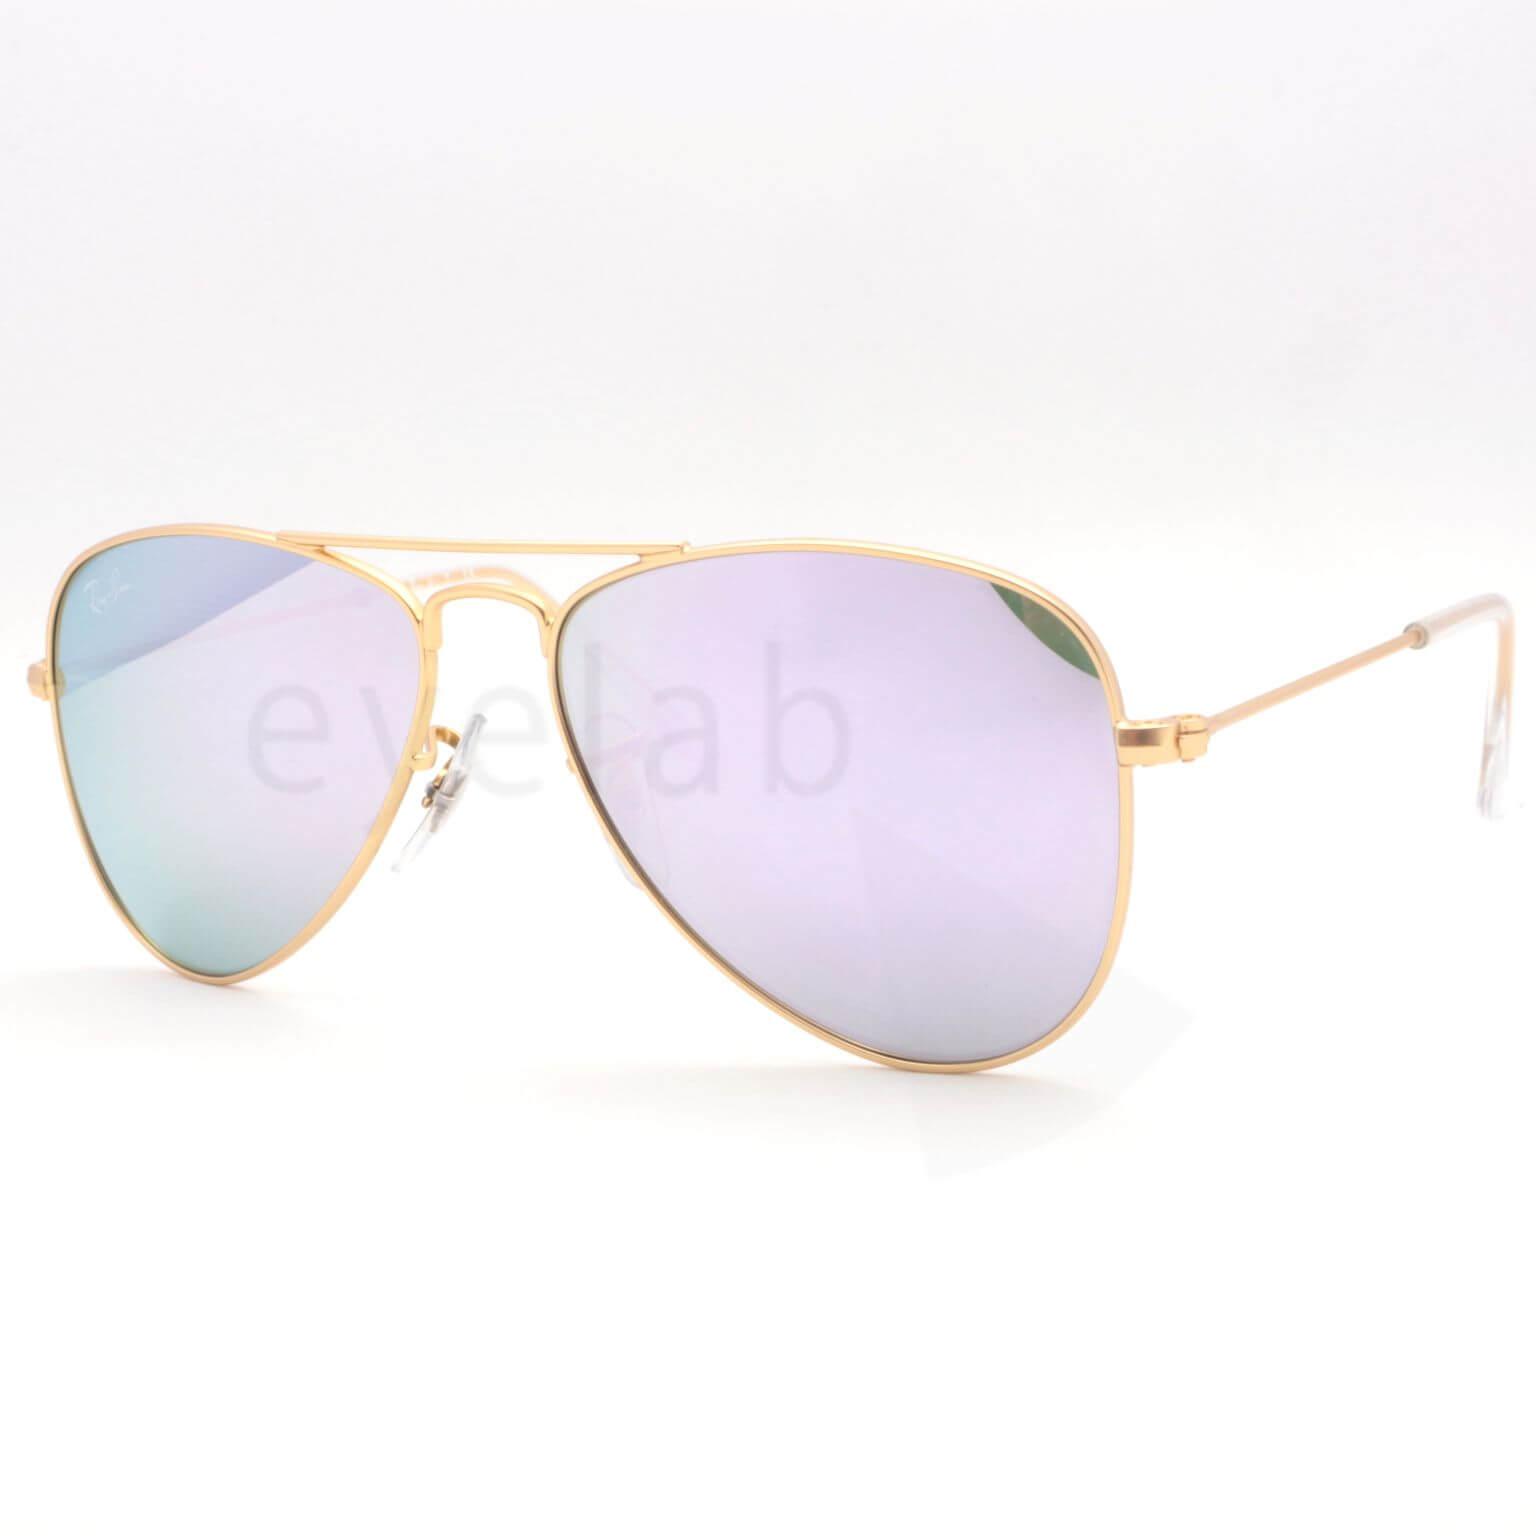 0c04a43e69f83 ... top quality ray ban junior aviator 9506s 42044 3ce81